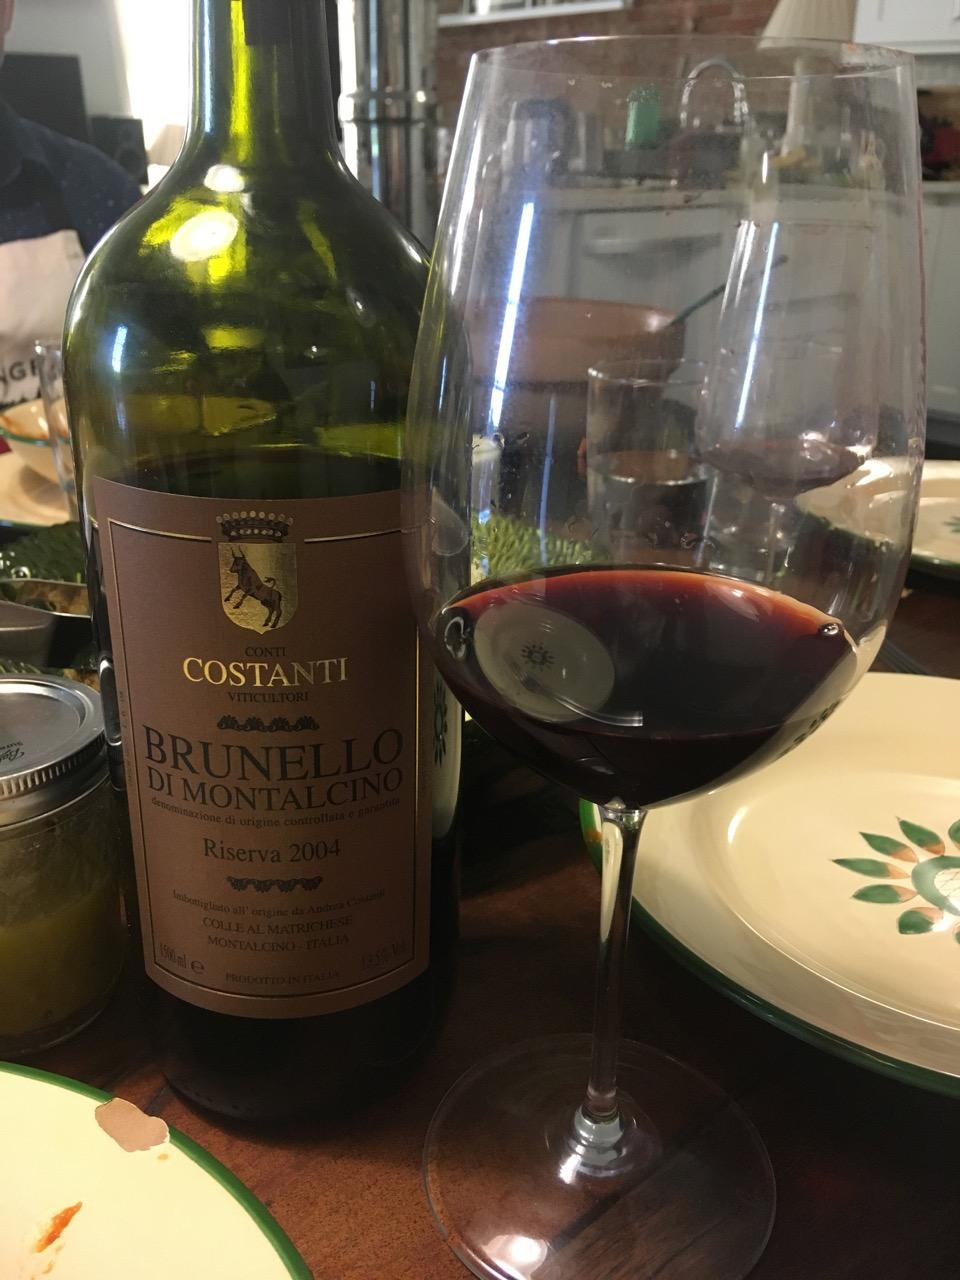 2004 Costanti, Brunello di Montalcino Riserva